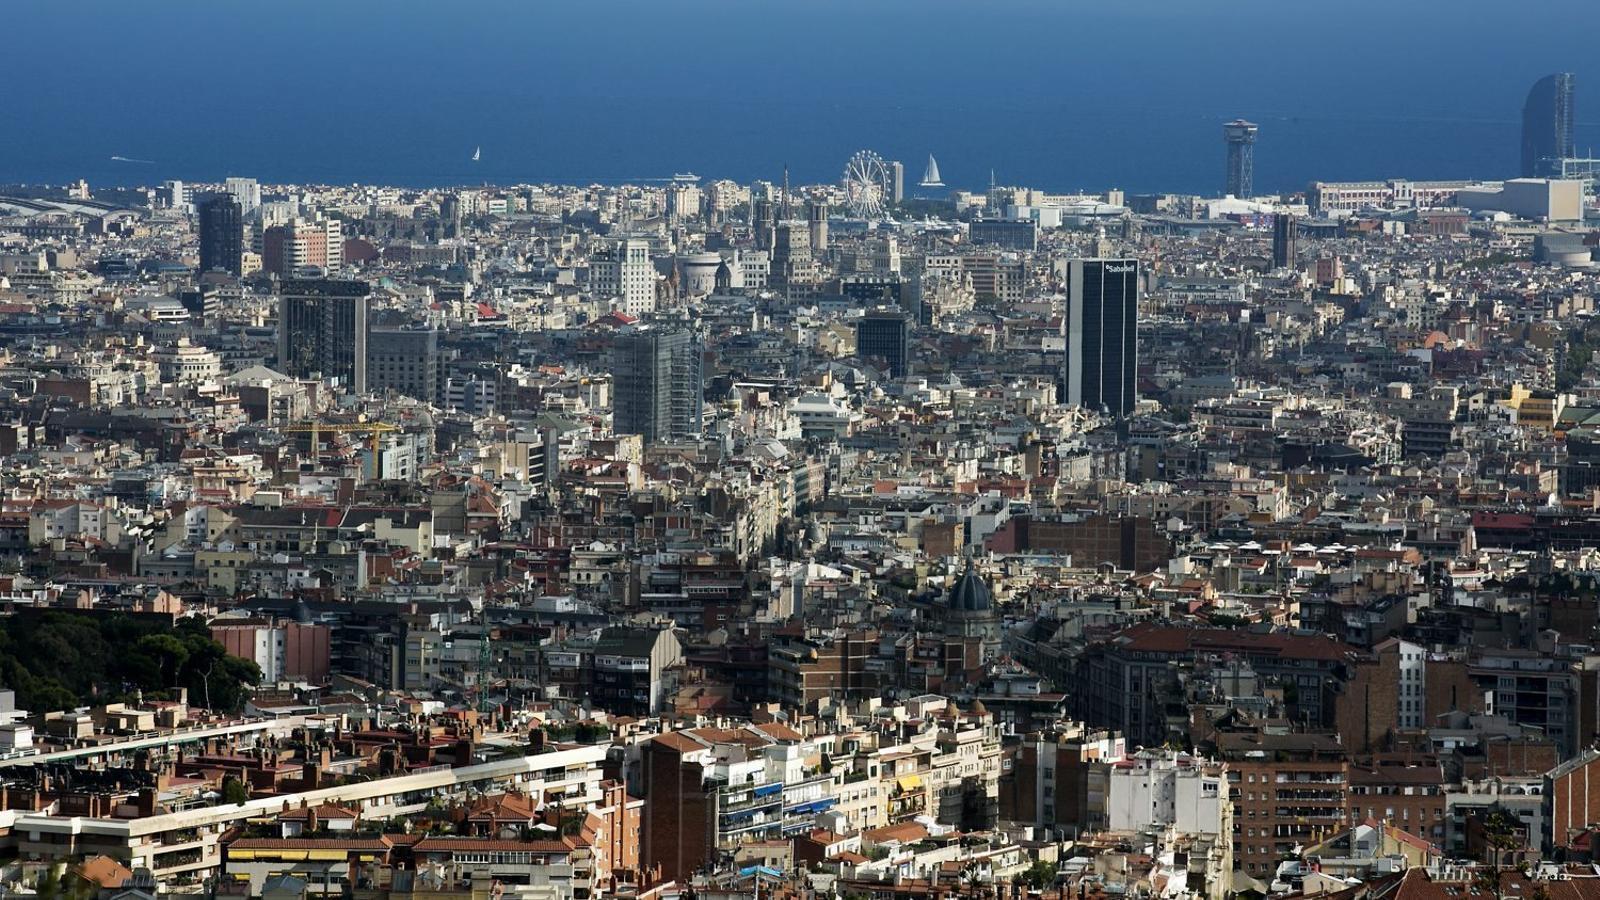 Busques pis de lloguer a barcelona compte amb les estafes per internet - Lloguer pis barcelona particular ...